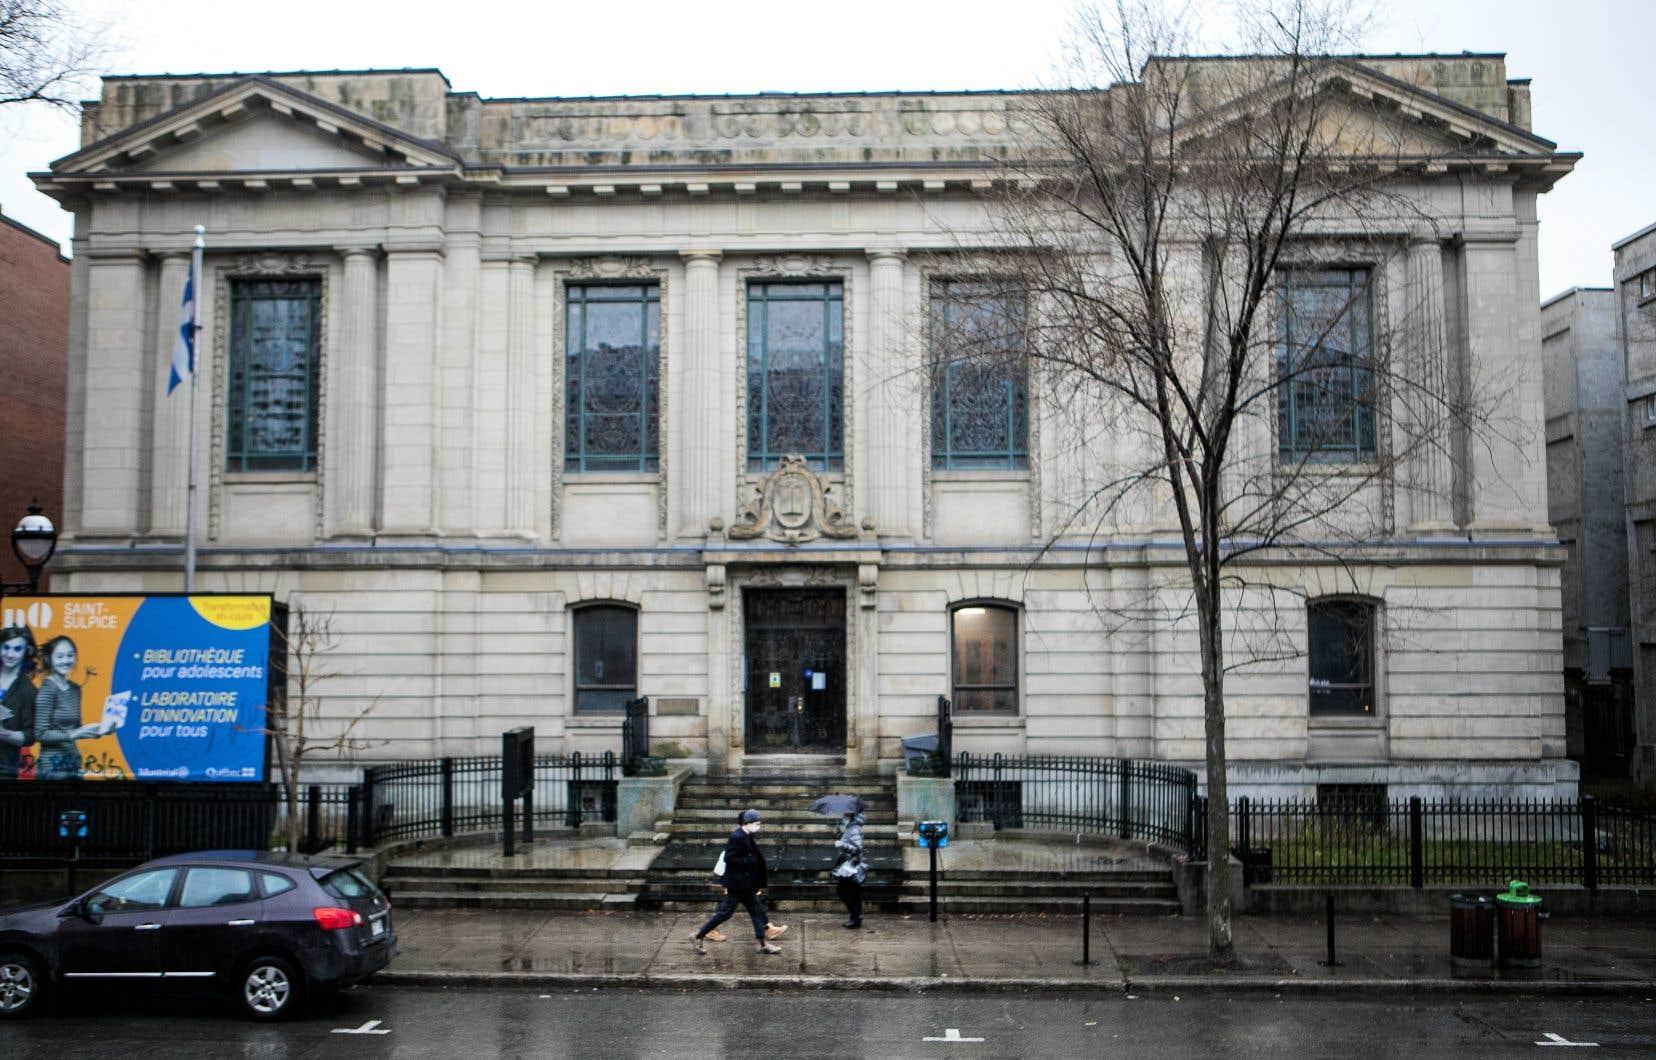 Le projet de bibliothèque laboratoire pour adolescents et jeunes adultes a été abandonné en décembre dernier.